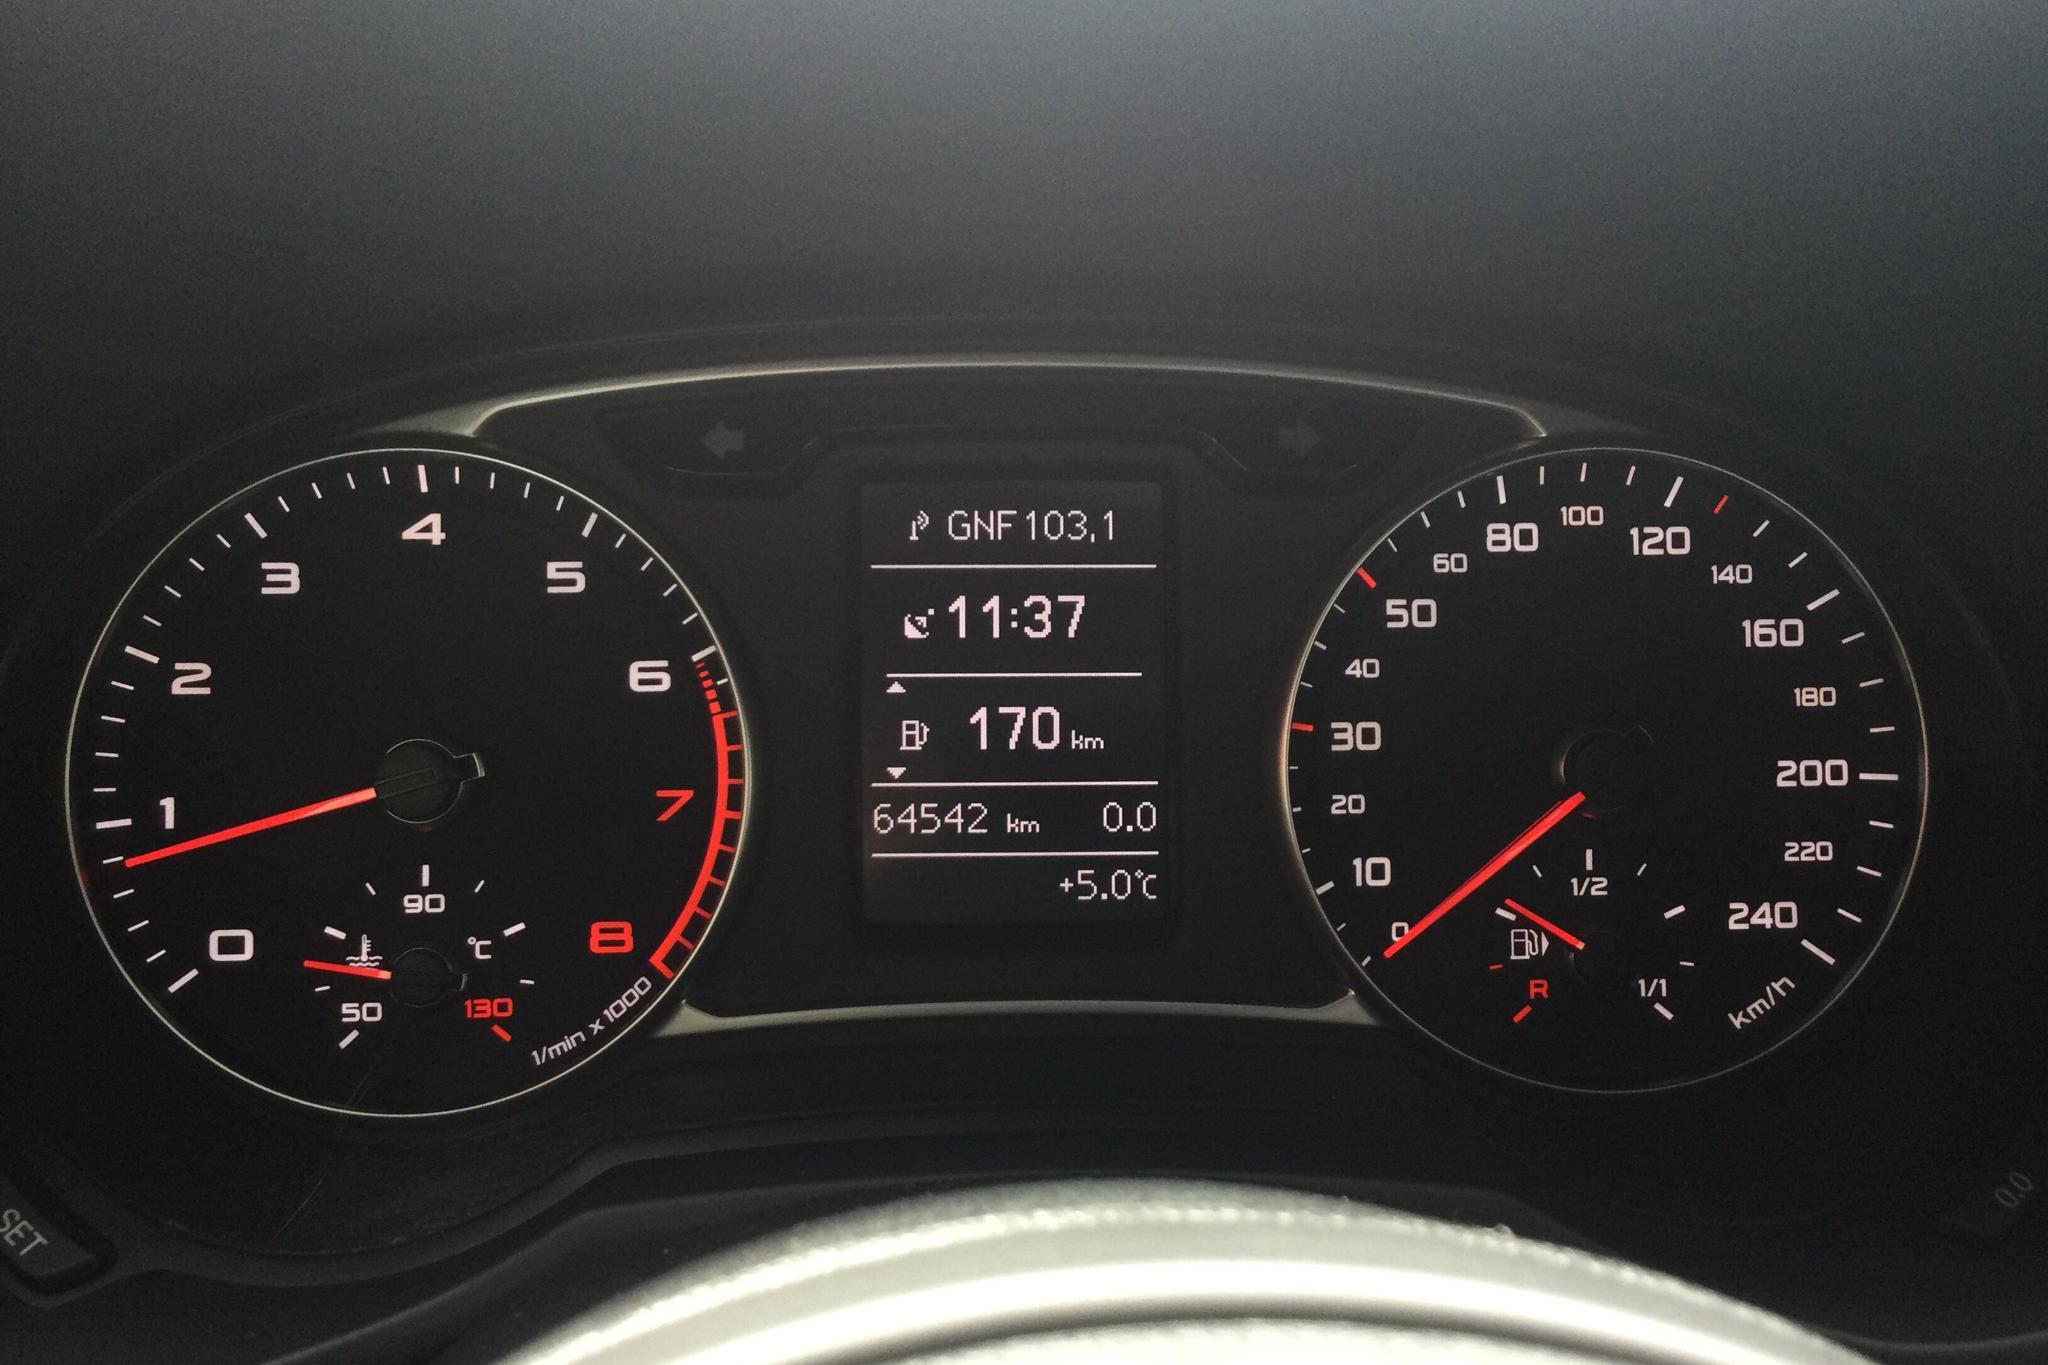 Audi A1 1.2 TFSI Sportback (86hk) - 64 540 km - Manual - silver - 2014